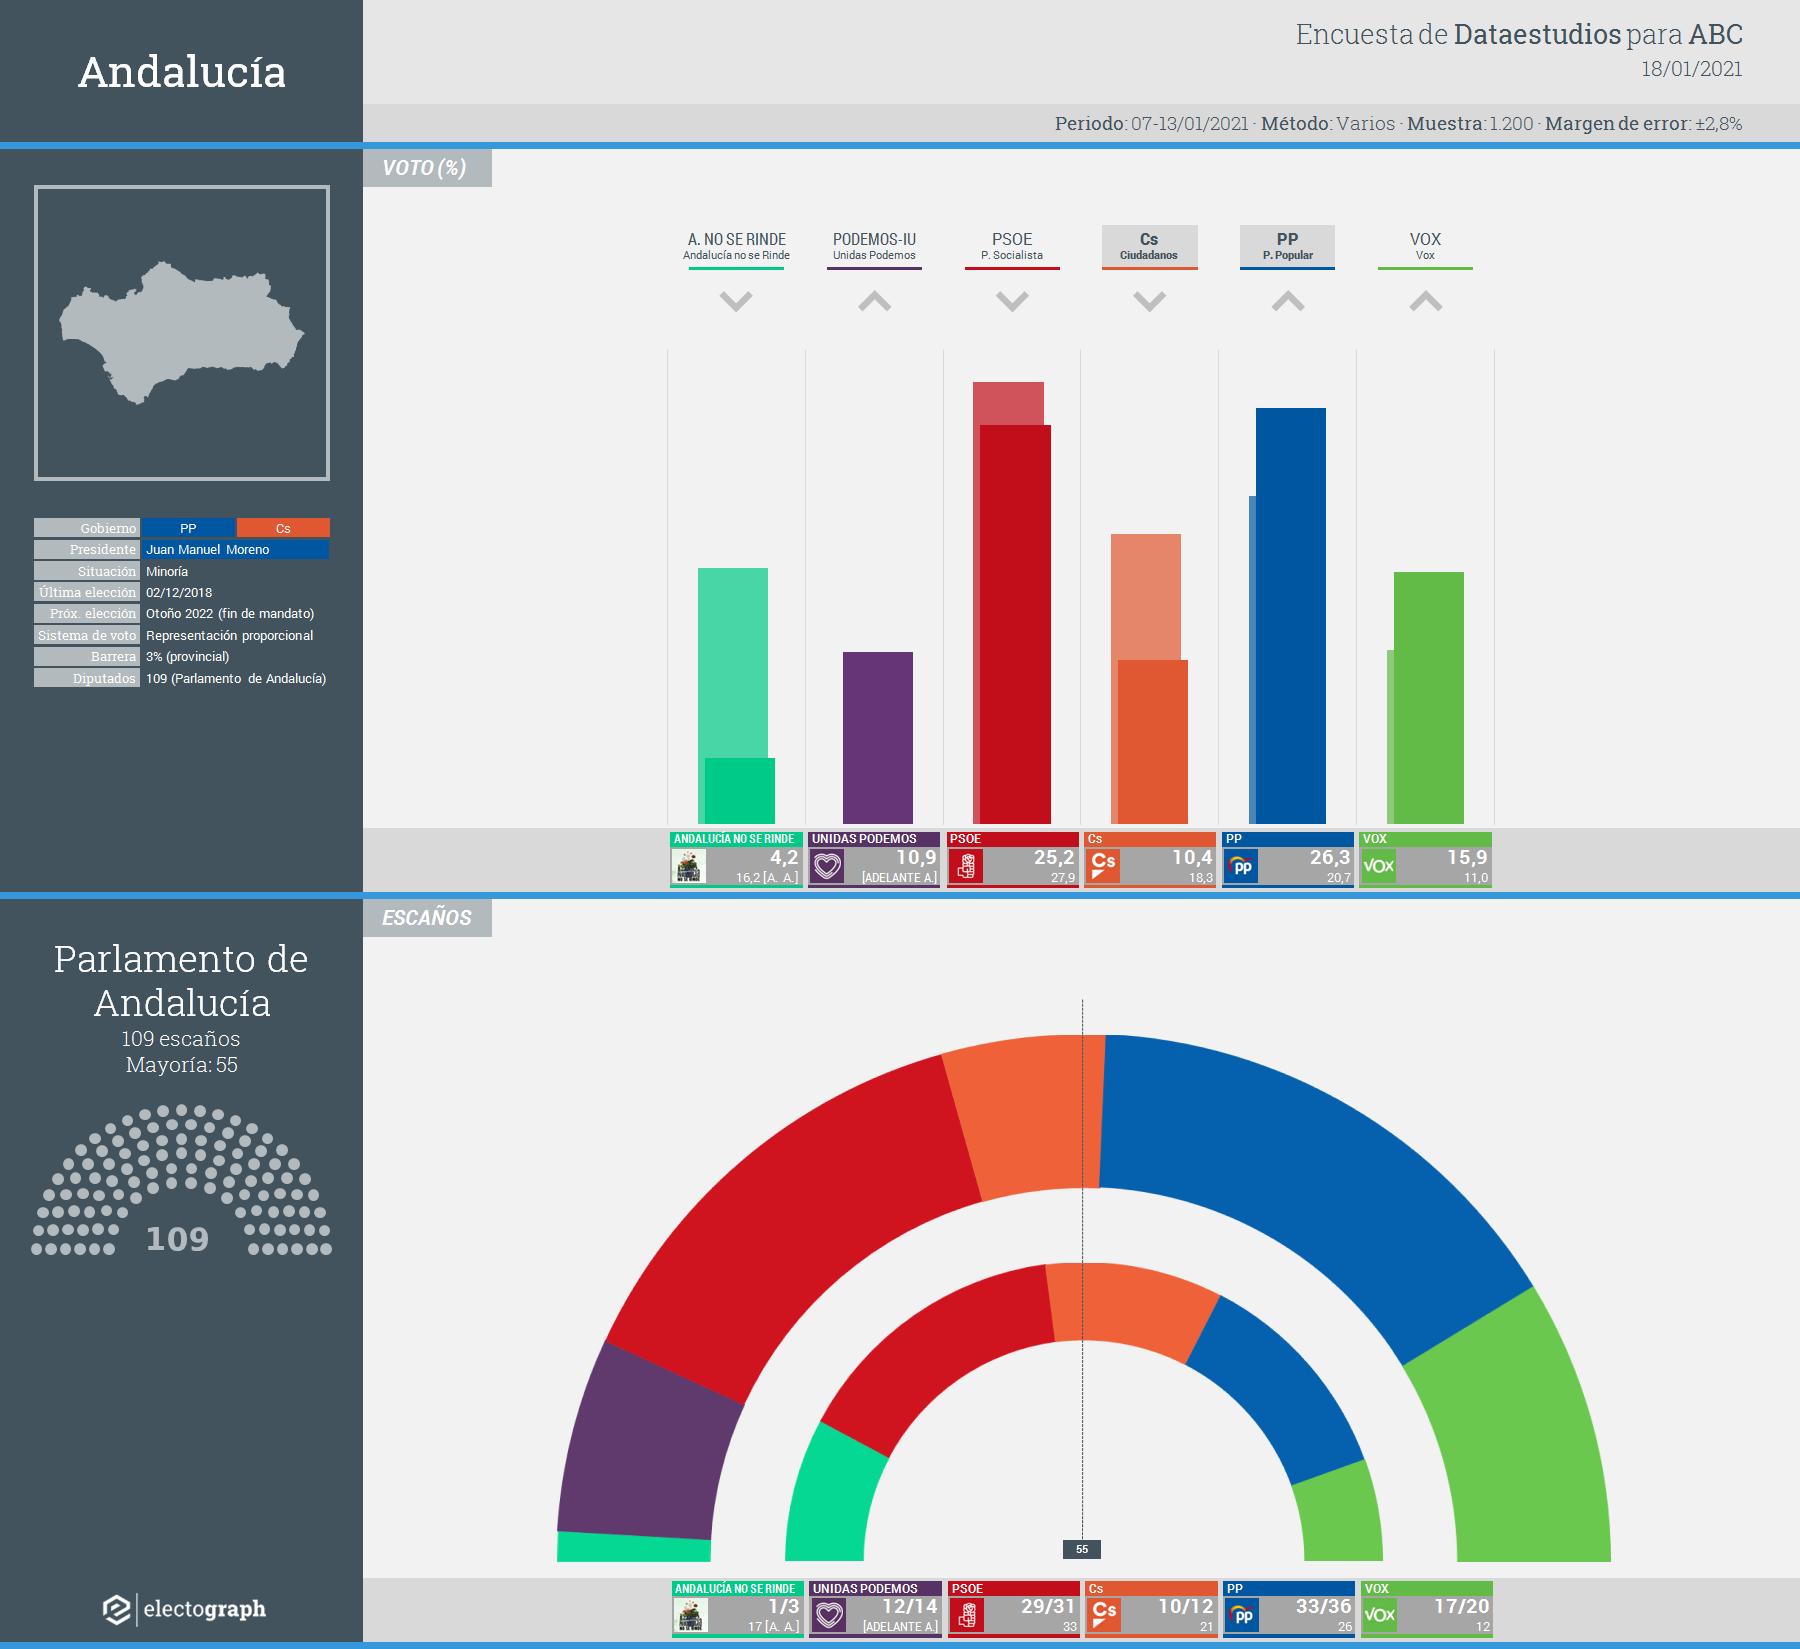 Gráfico de la encuesta para elecciones autonómicas en Andalucía realizada por Dataestudios para ABC, 18 de enero de 2021